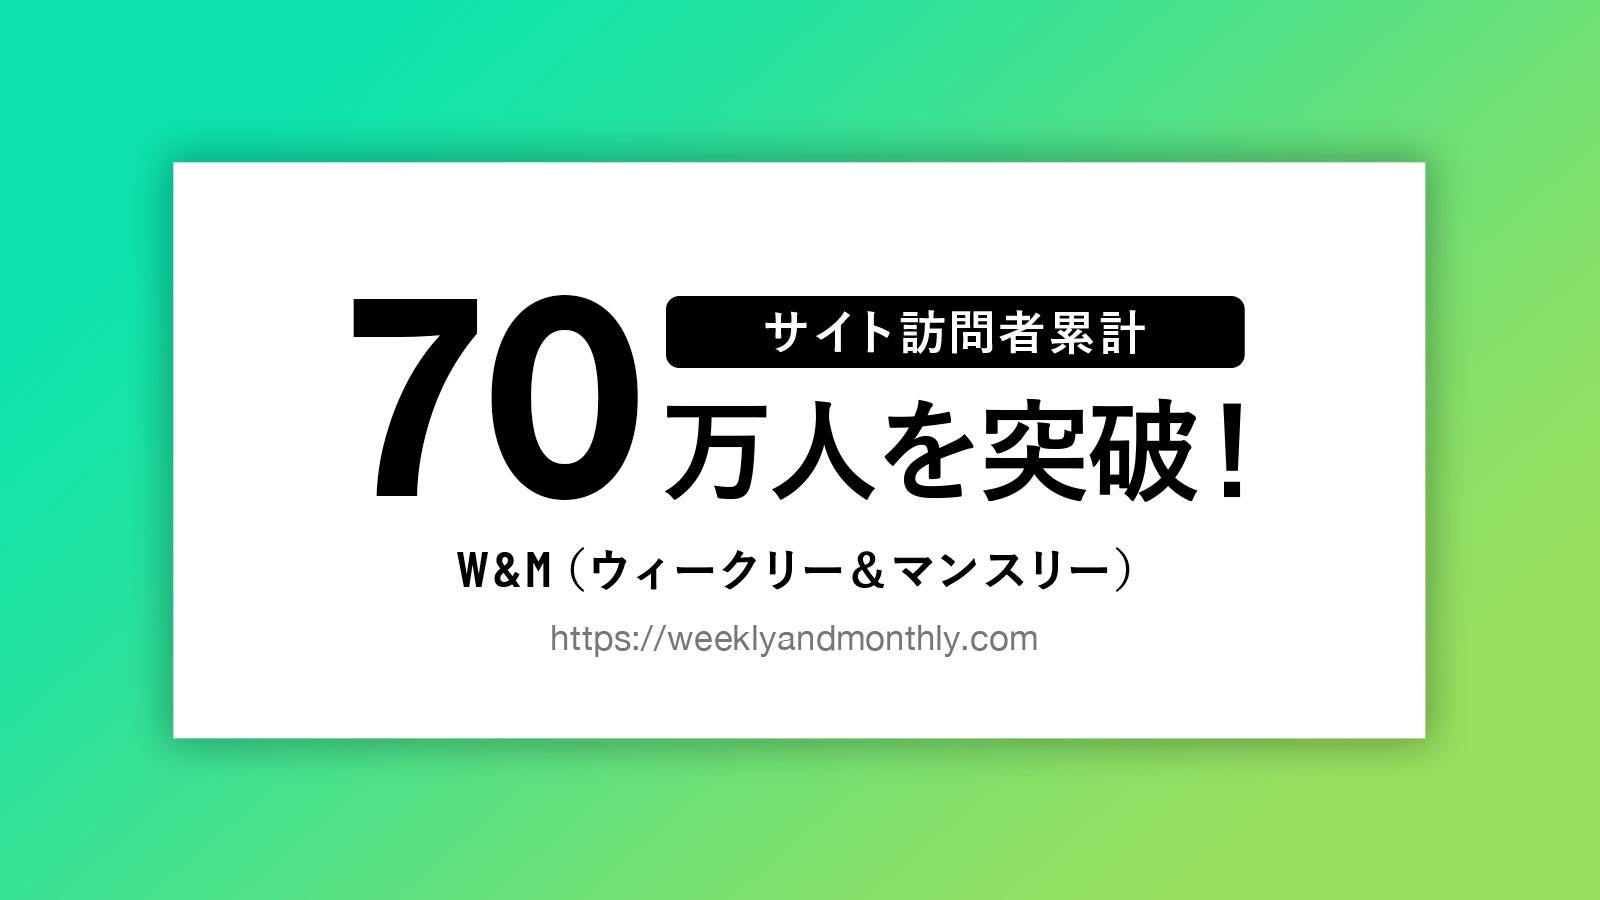 【PR】W&M(ウィークリー &マンスリー) サイト訪問者累計70万人を突破!